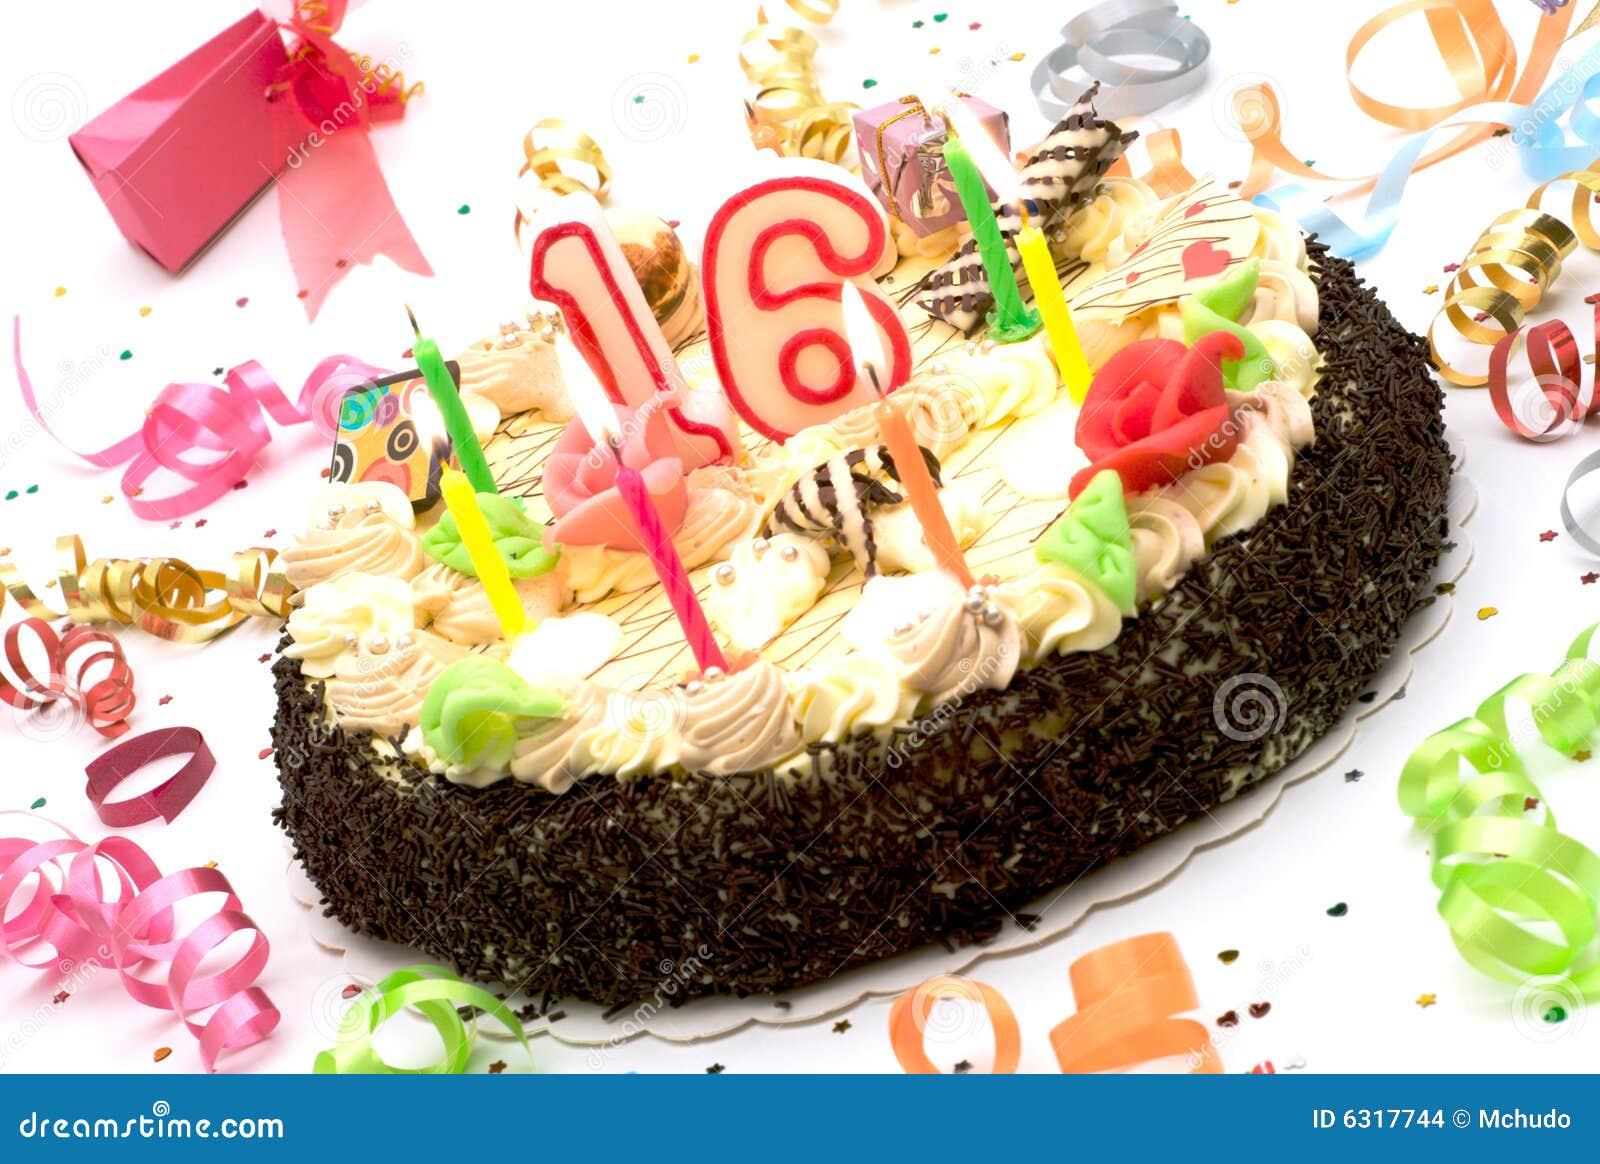 Поздравление с днем рождения дочке с 16